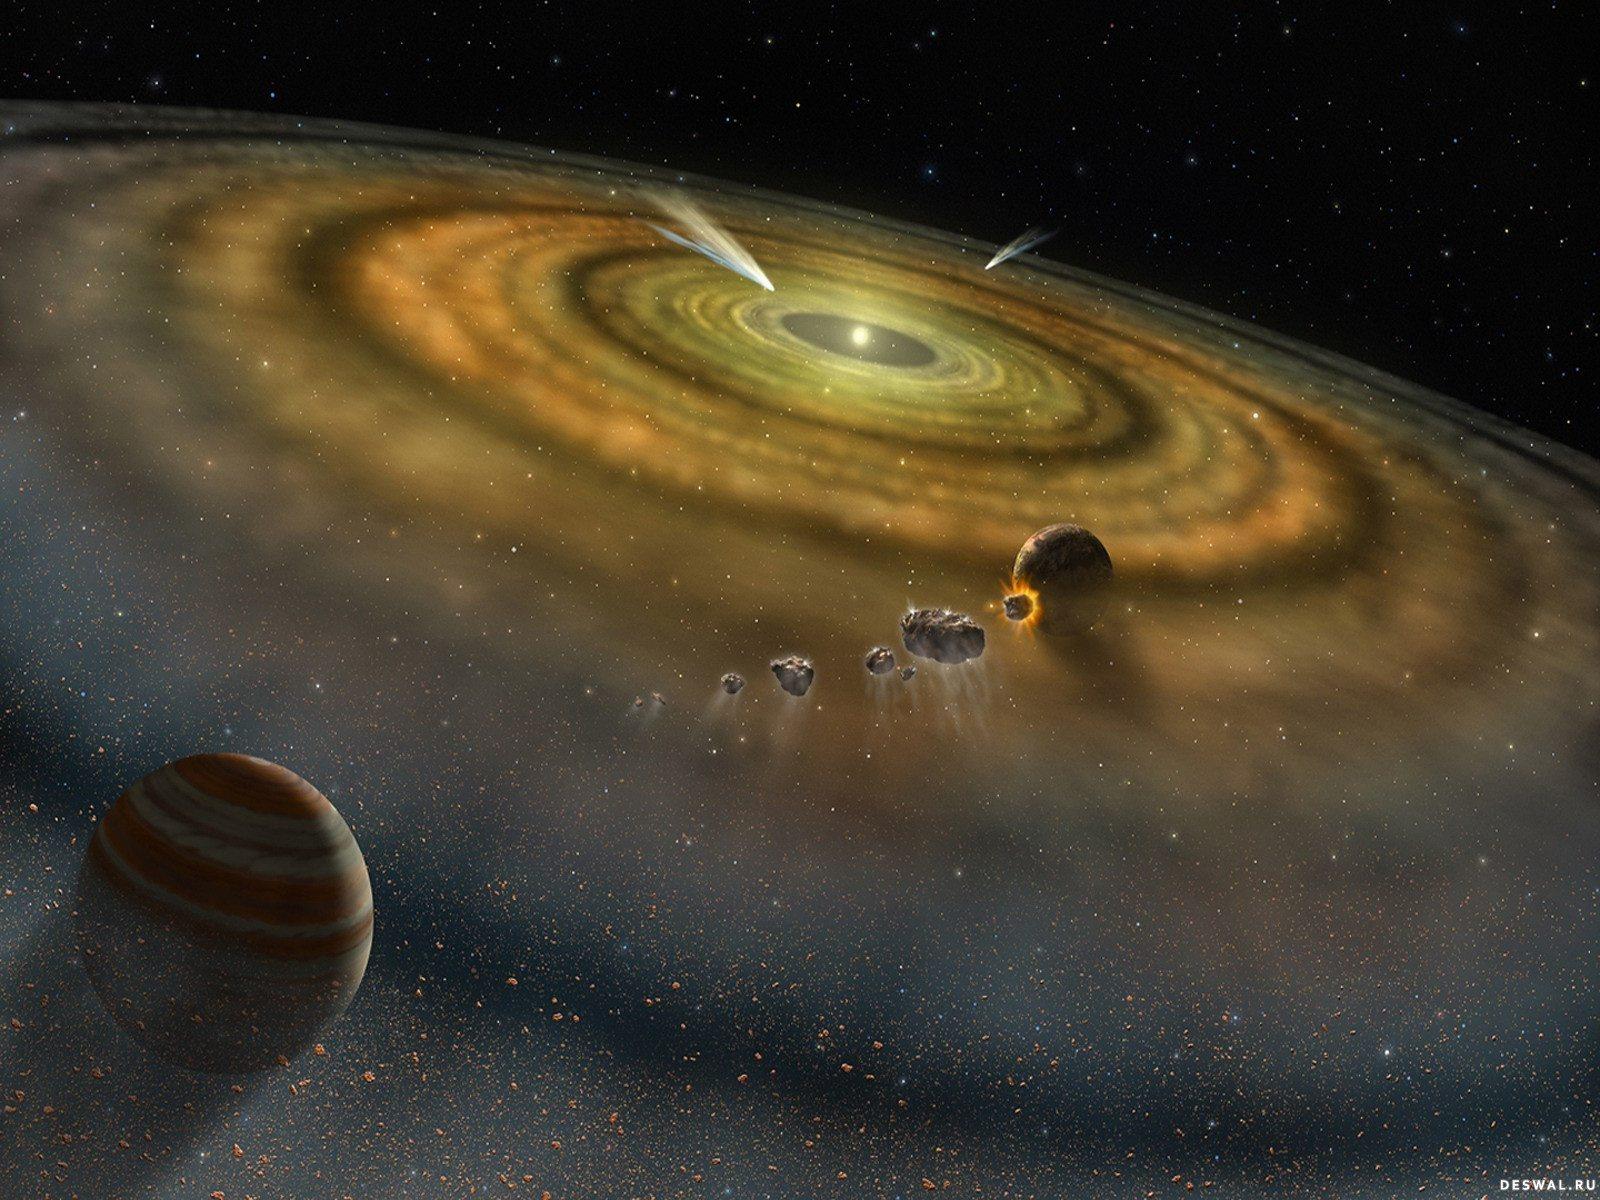 Фото 181.. Нажмите на картинку с обоями космоса, чтобы просмотреть ее в реальном размере